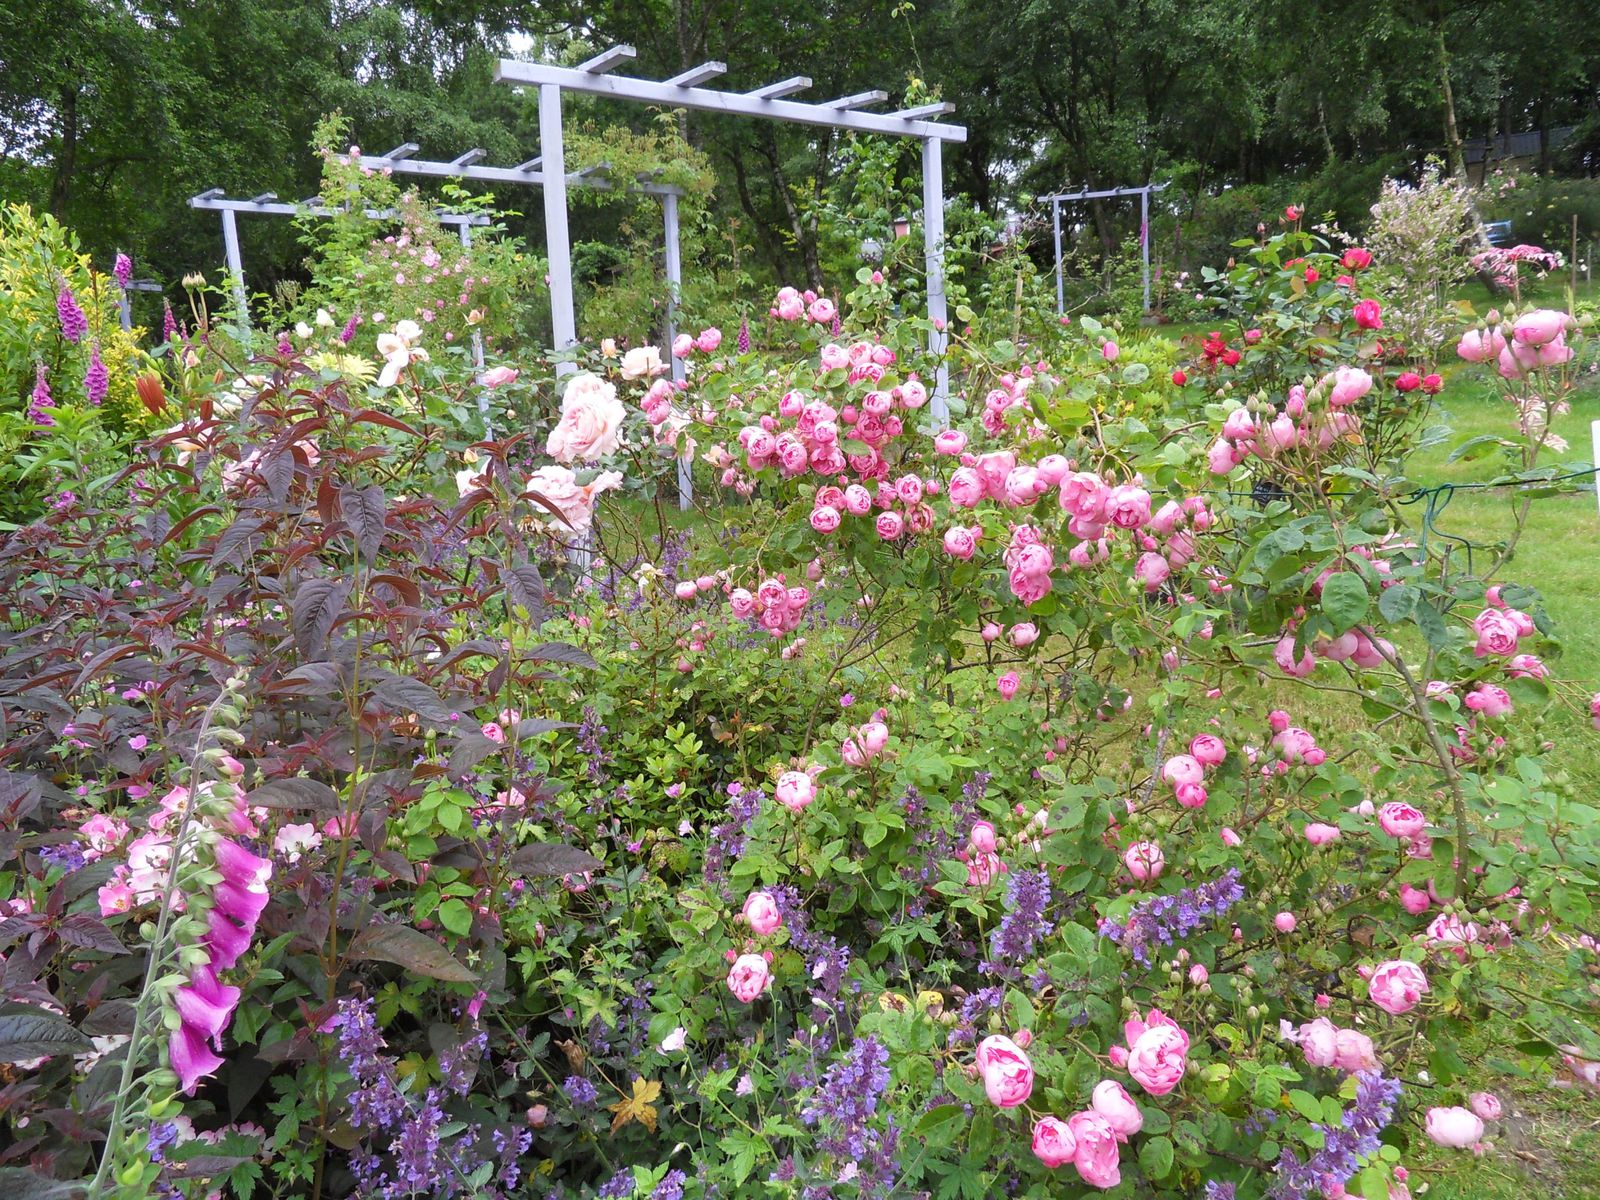 quelques photos de ce 2 juillet , les roses s'épanouissent , ici Raubritter .....